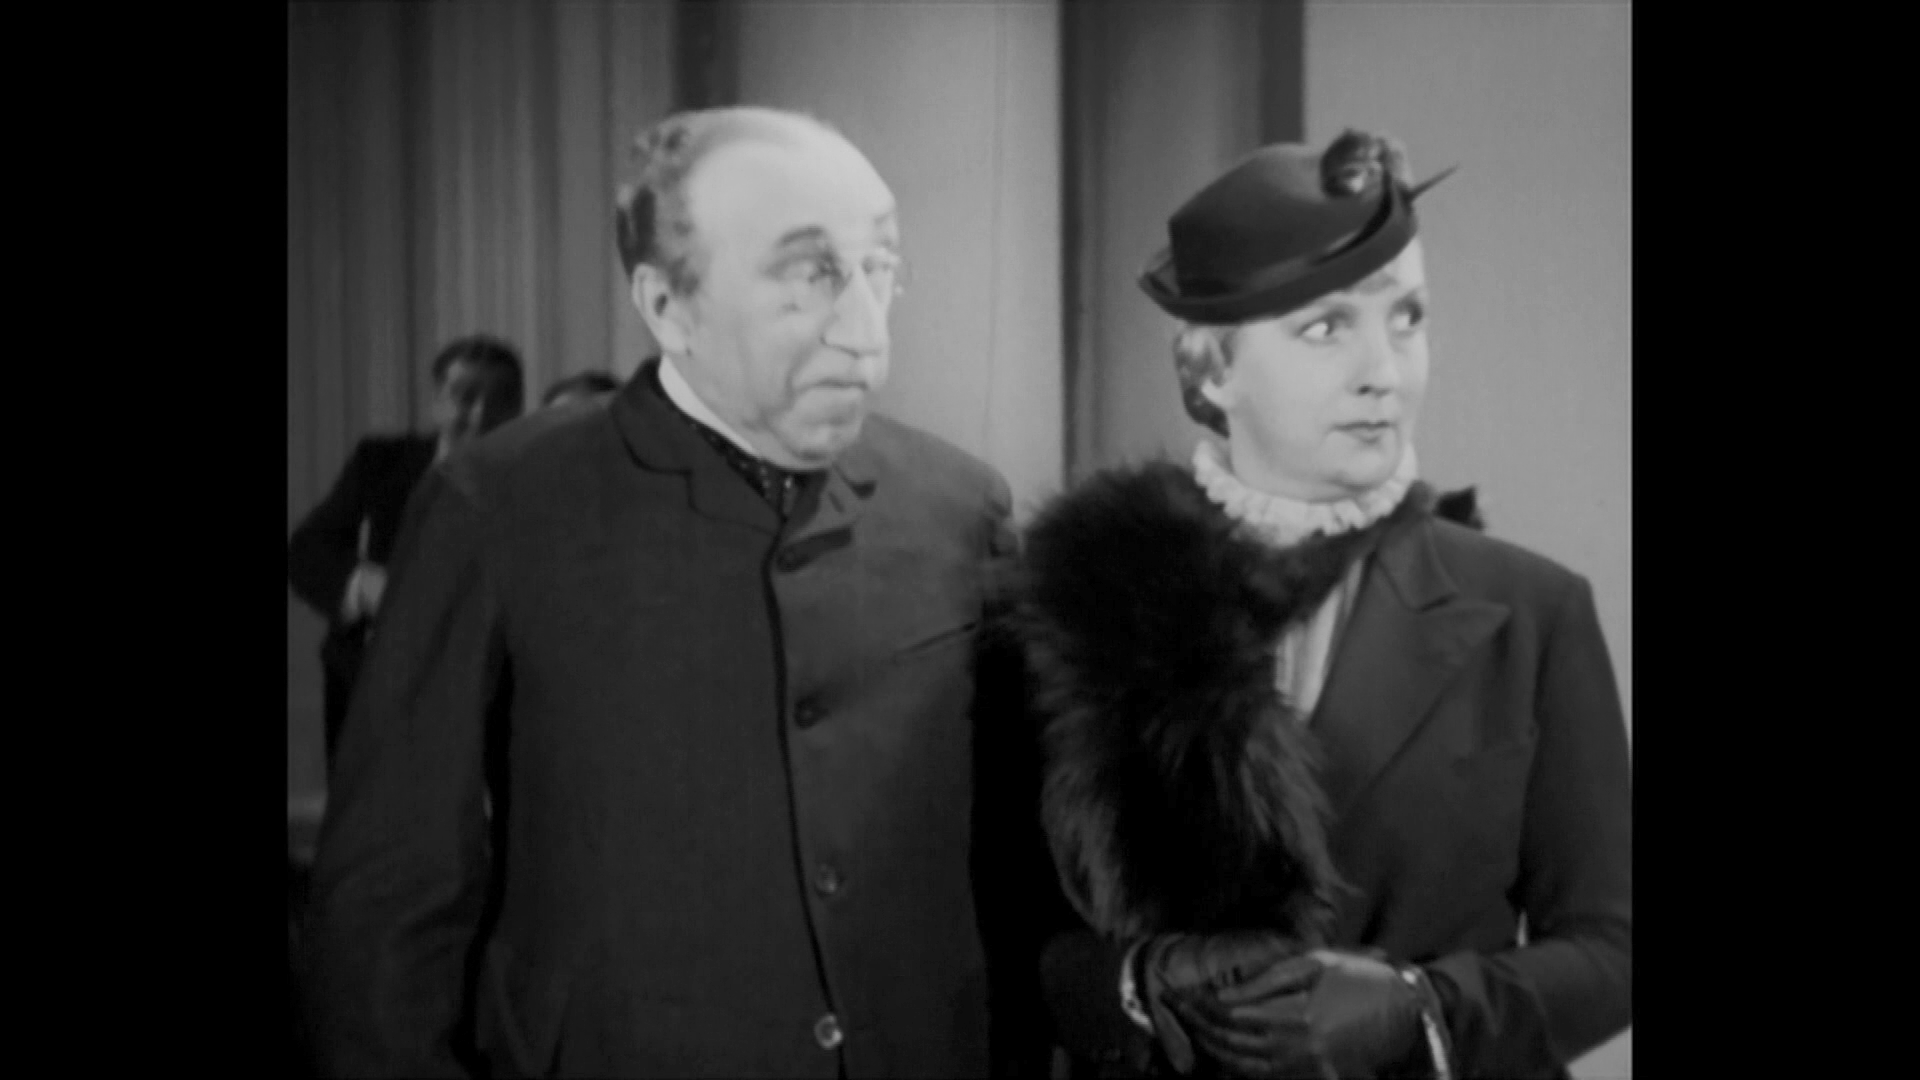 La présidente (1938) de Fernand Rivers : le ministre de la justice séduit la fausse épouse du magistrat (HD)